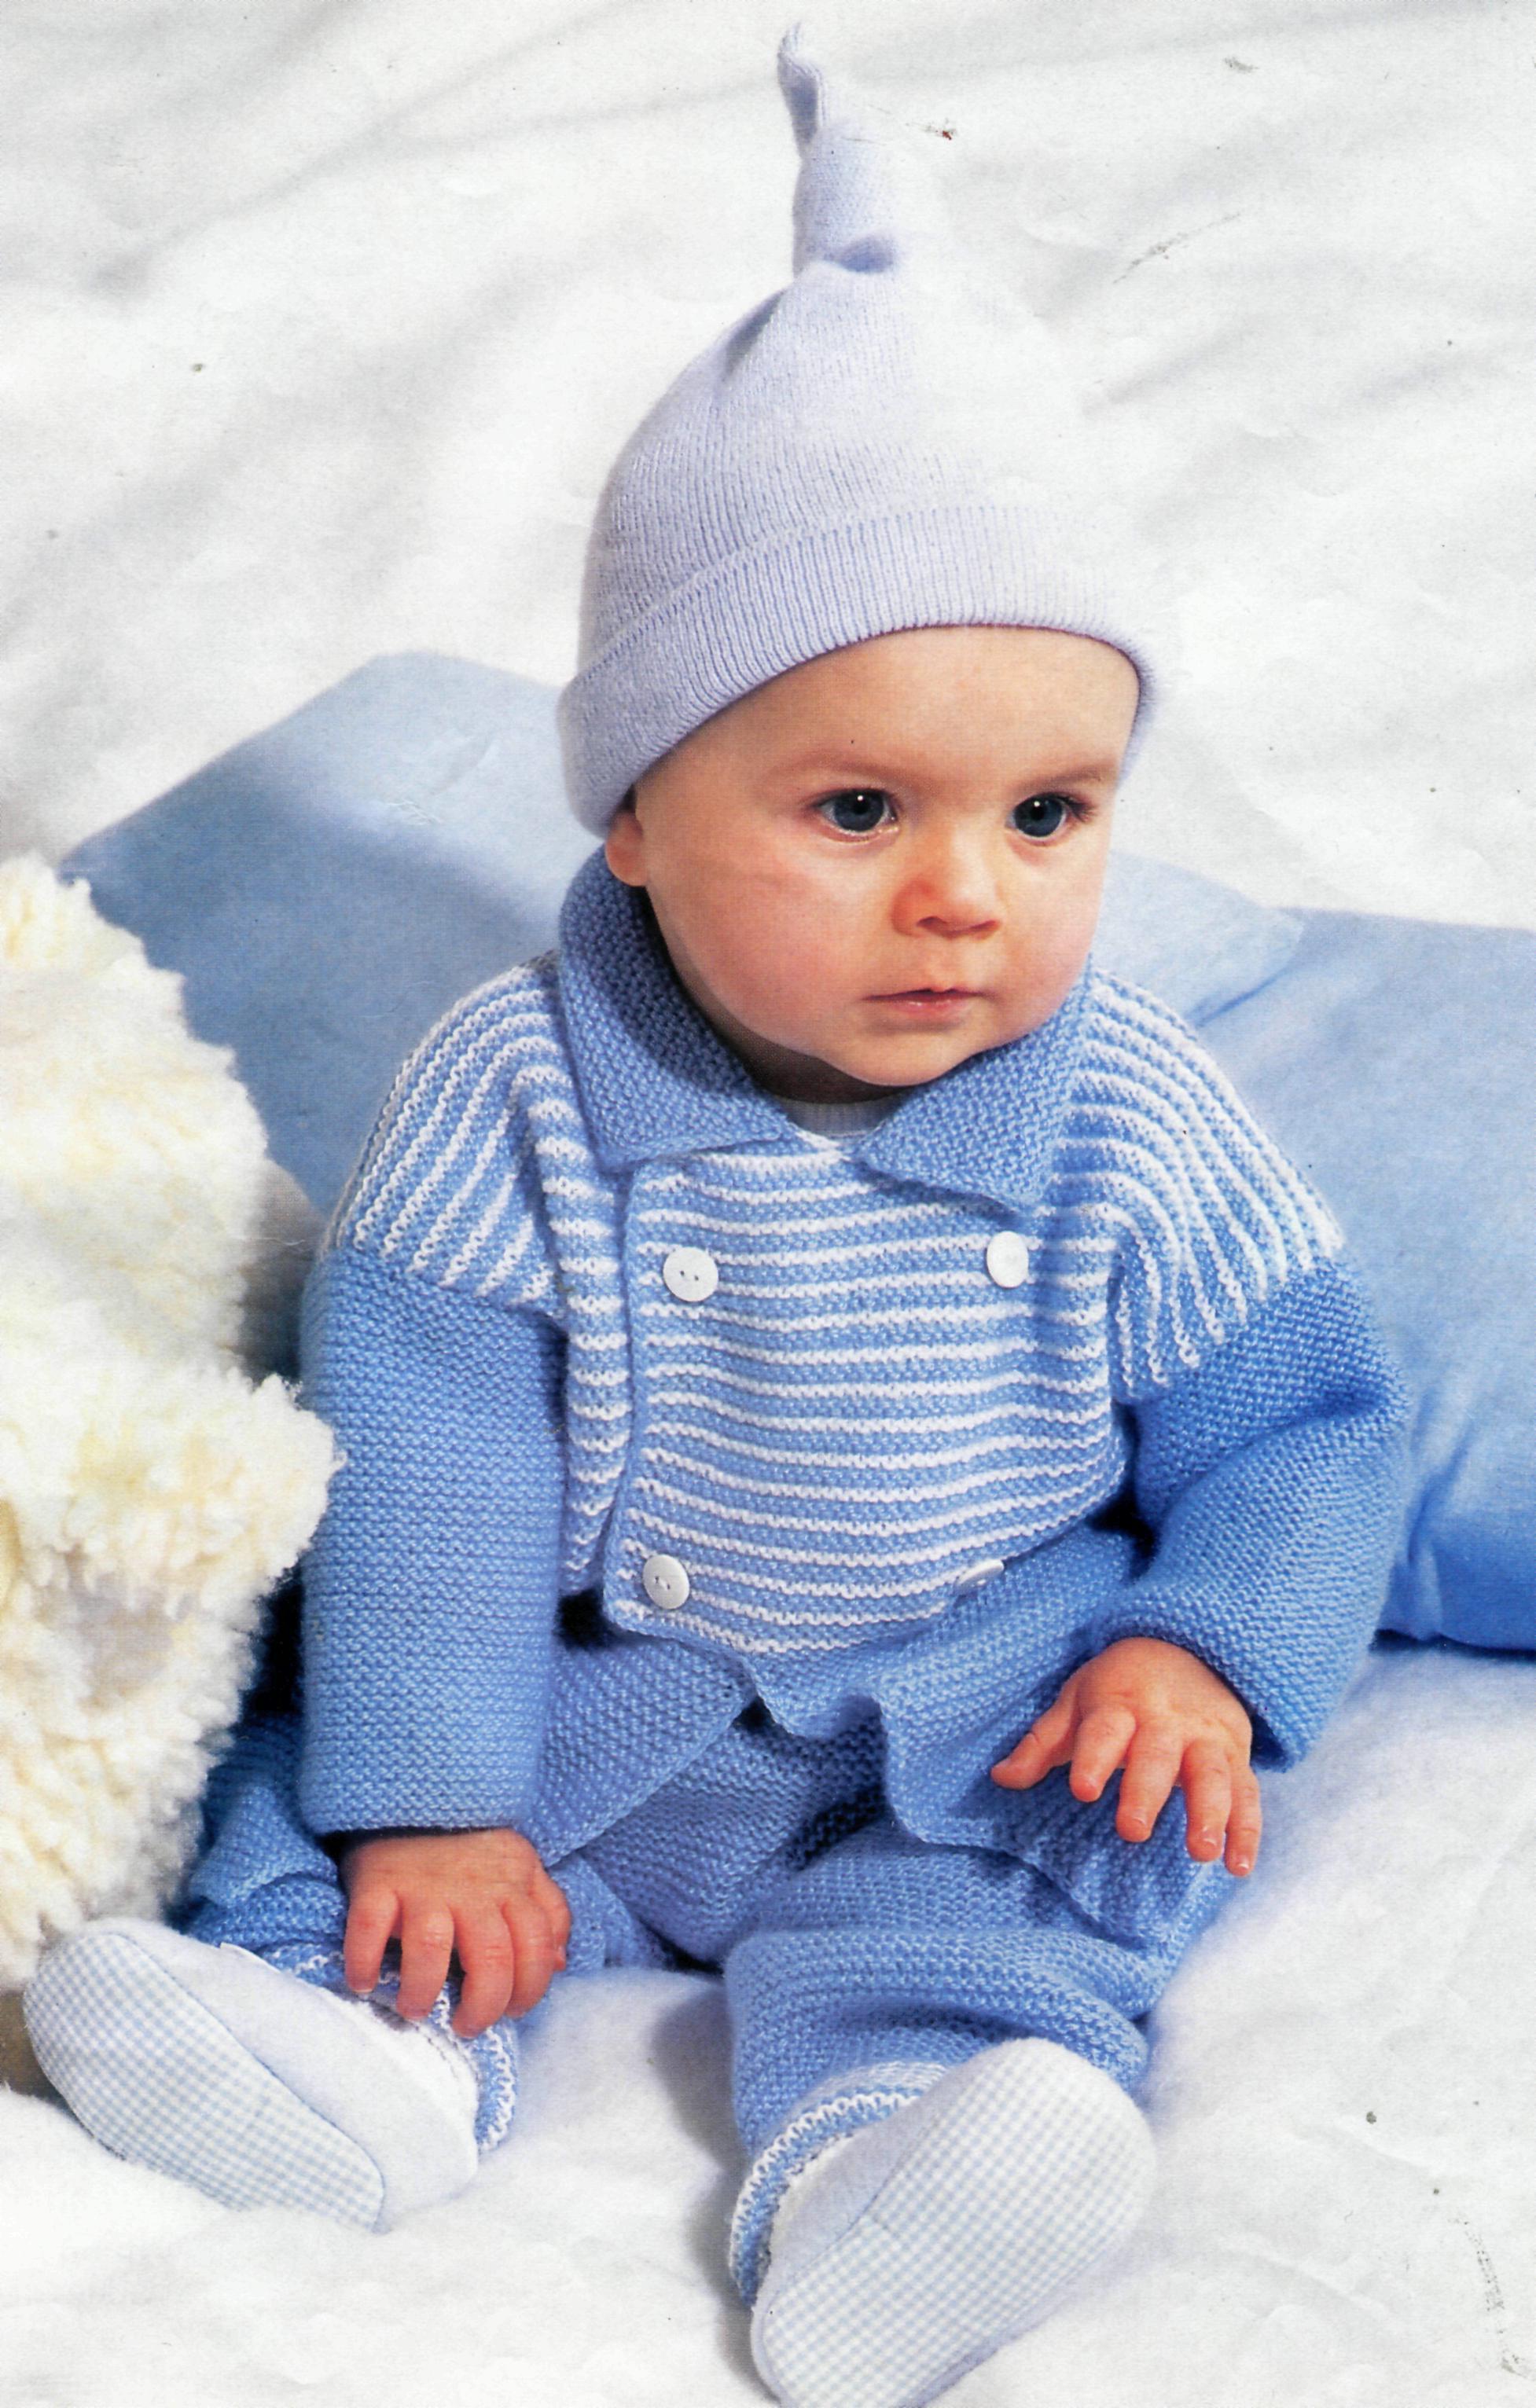 mavi renkli çizgili çift düğmeli örgü bebek hırka ve pantolon modeli